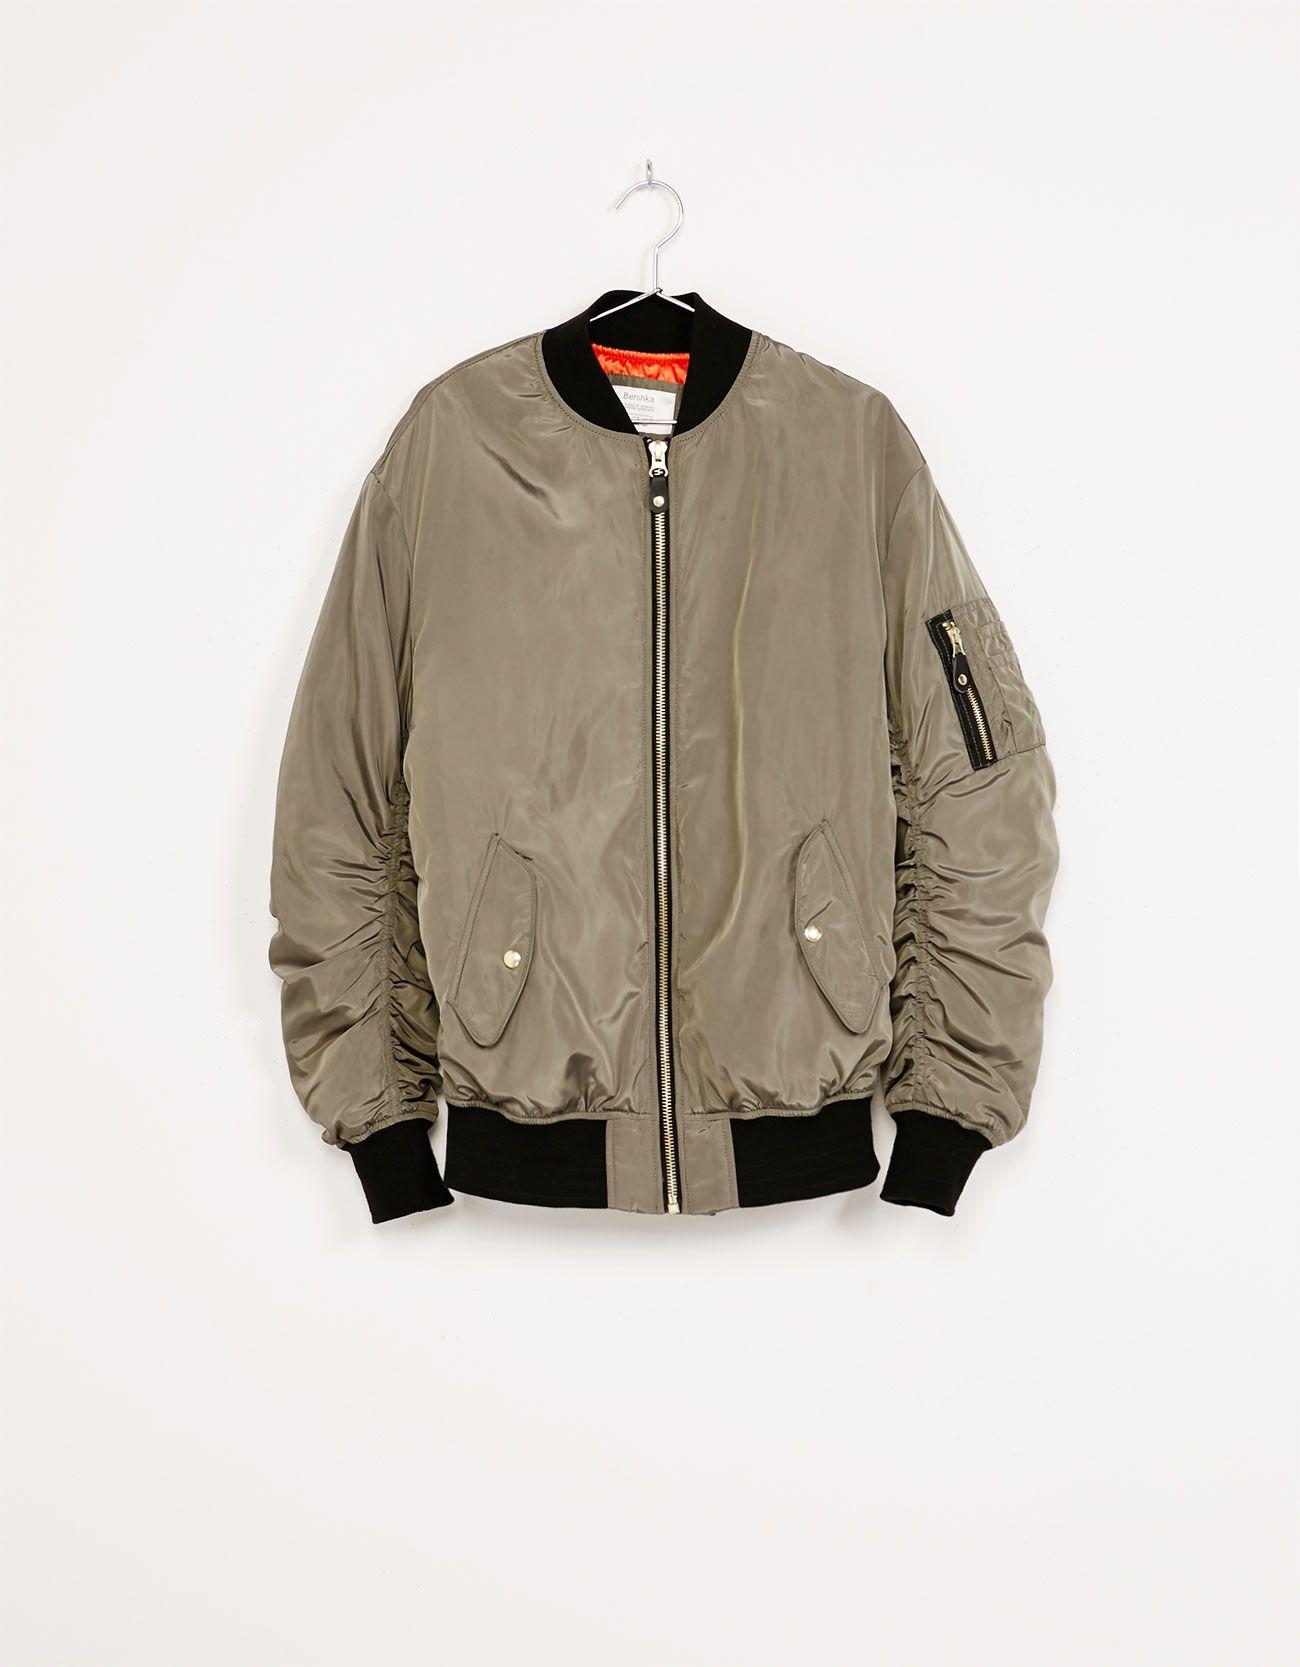 24fb6658b Oversized bomber jacket with gathered sleeves   BERSHKA   Bomber ...